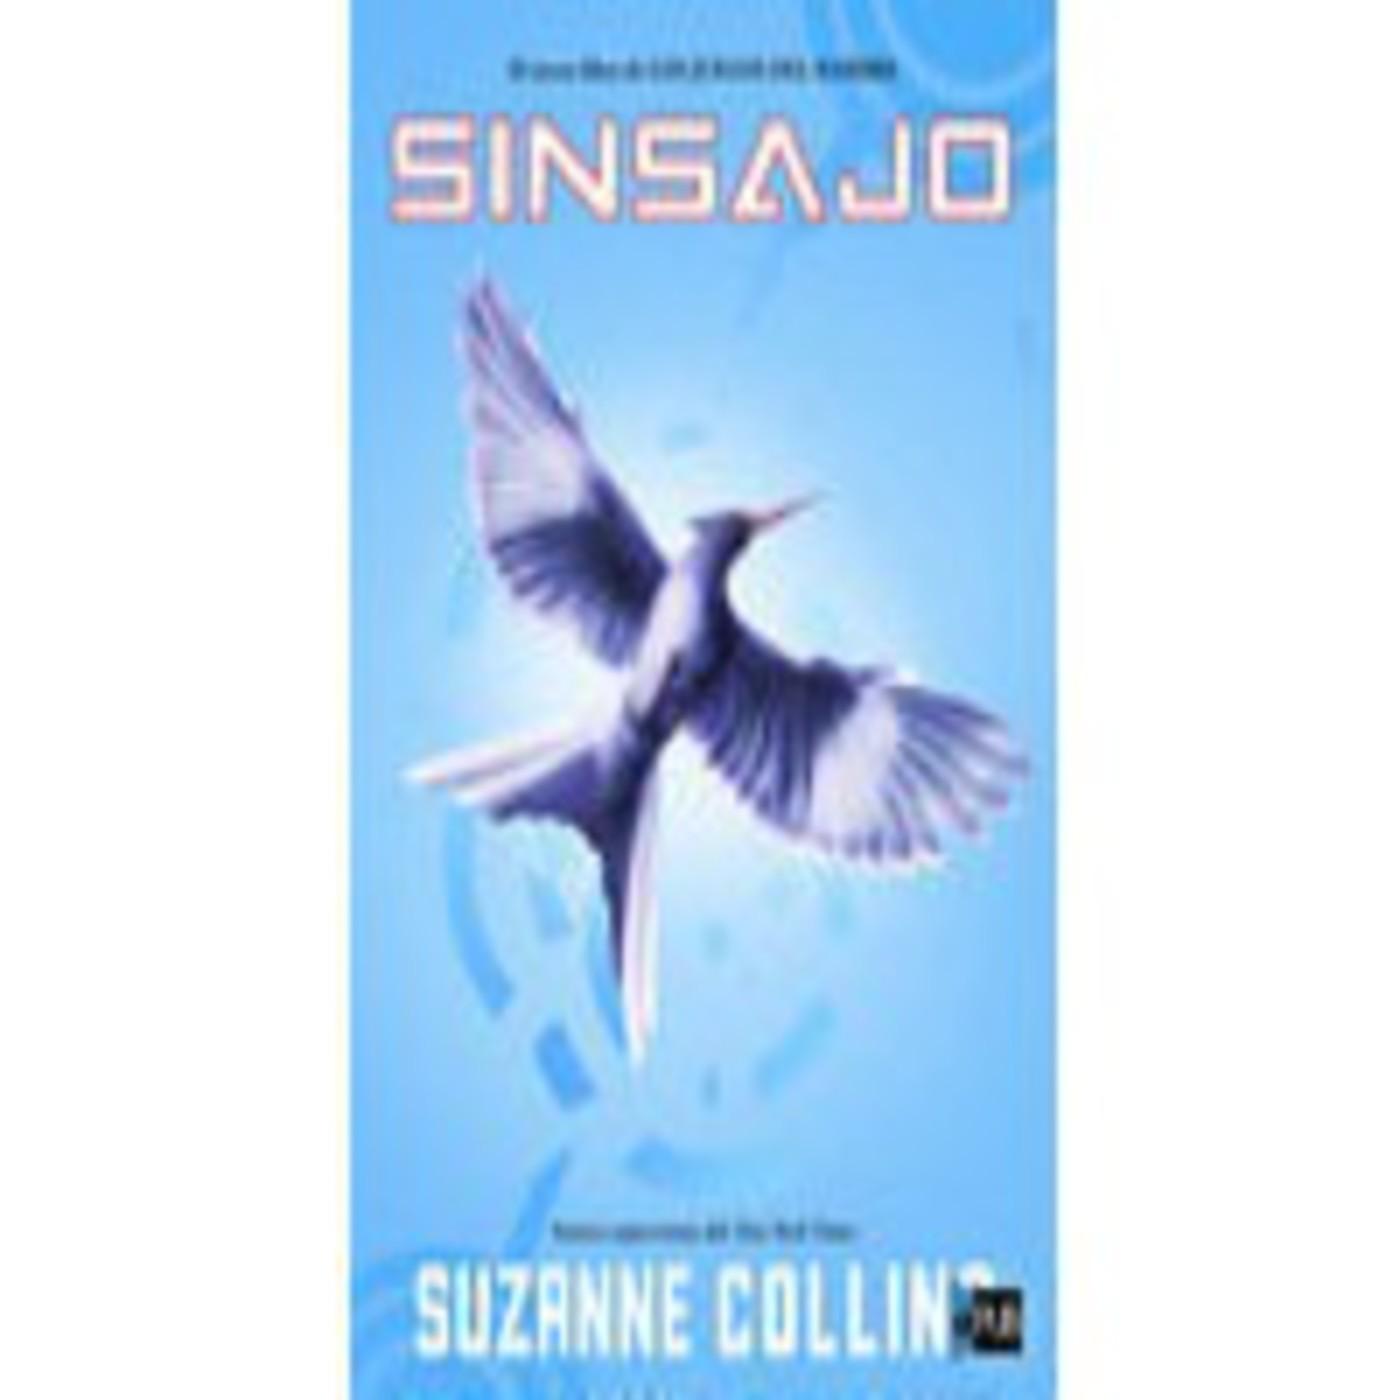 Escucha Los Juegos Del Hambre 3 Sinsajo Suzanne Collins Ivoox